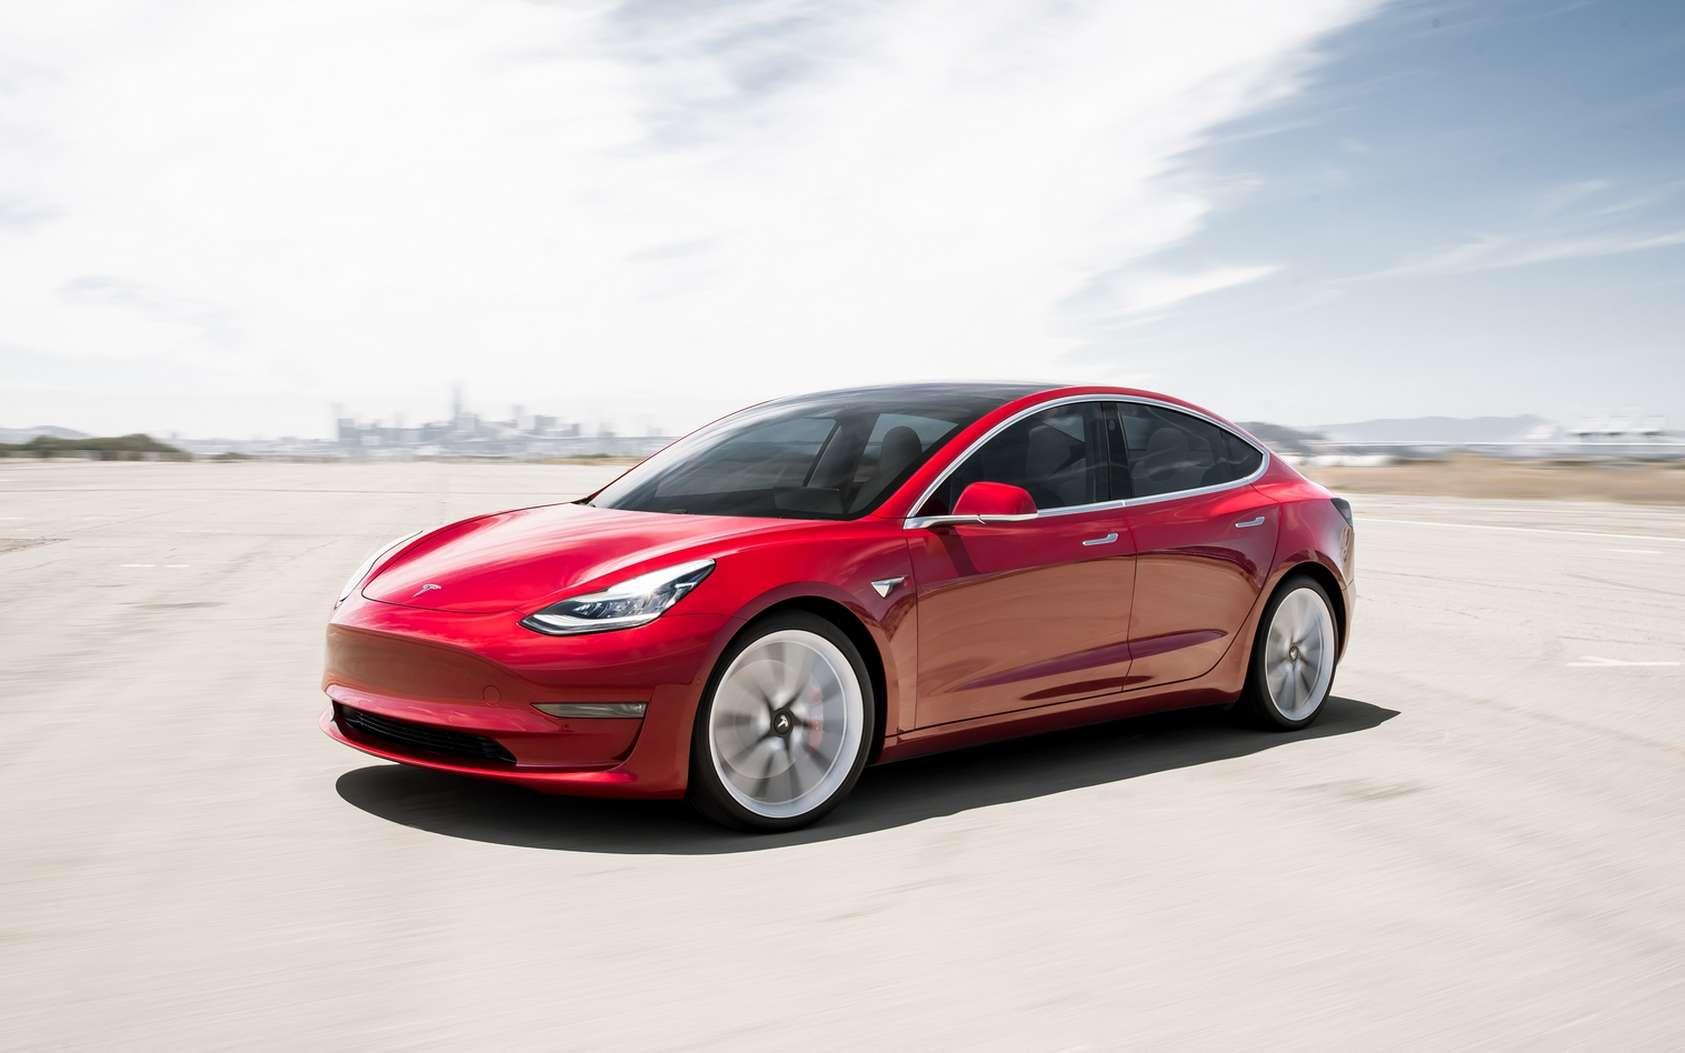 La dotation d'une voiture au concours de hacking Pwn2Own est une première. © Tesla